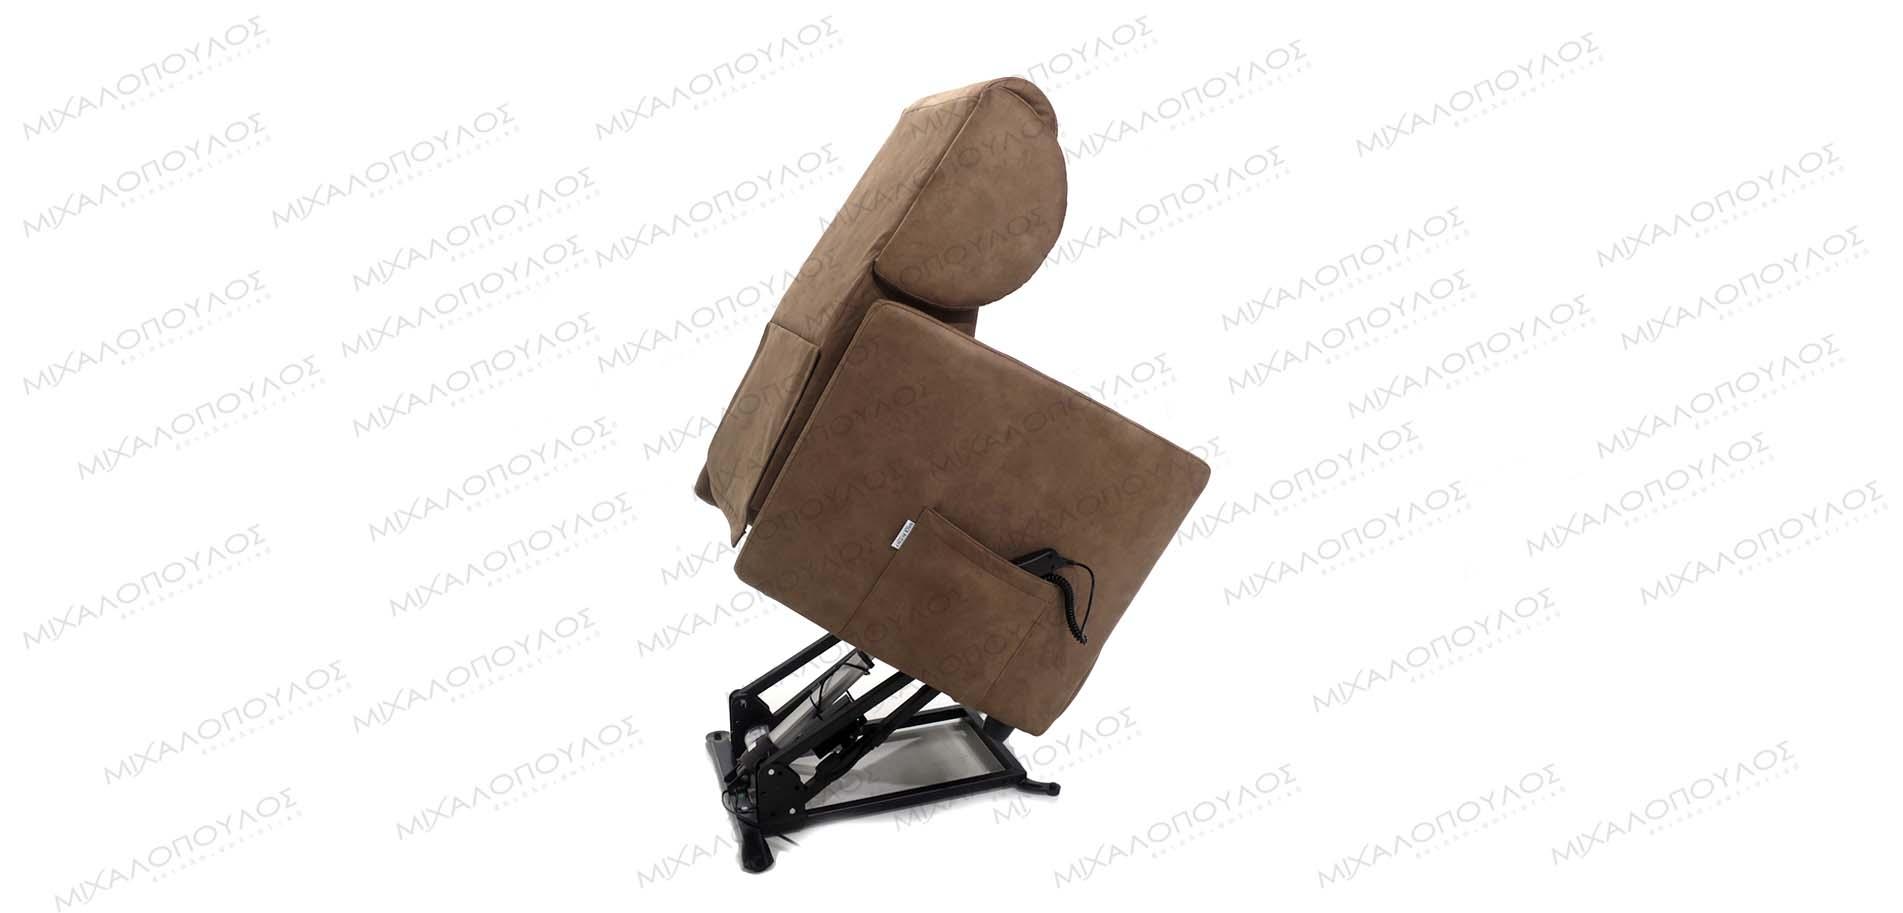 Πολυθρόνα με ηλεκτρικό μηχανισμό